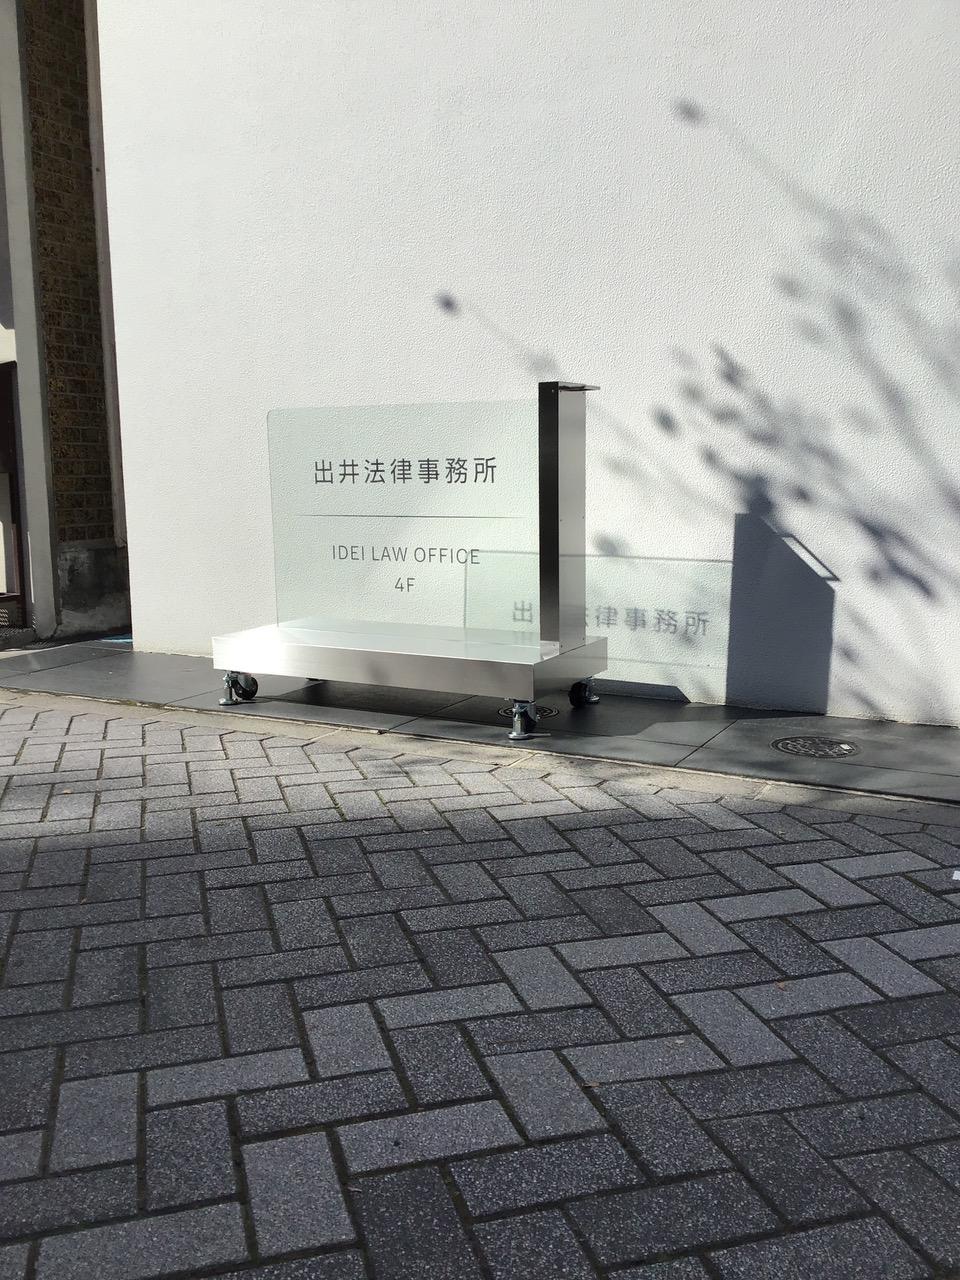 スタンド型移動式ガラスサイン